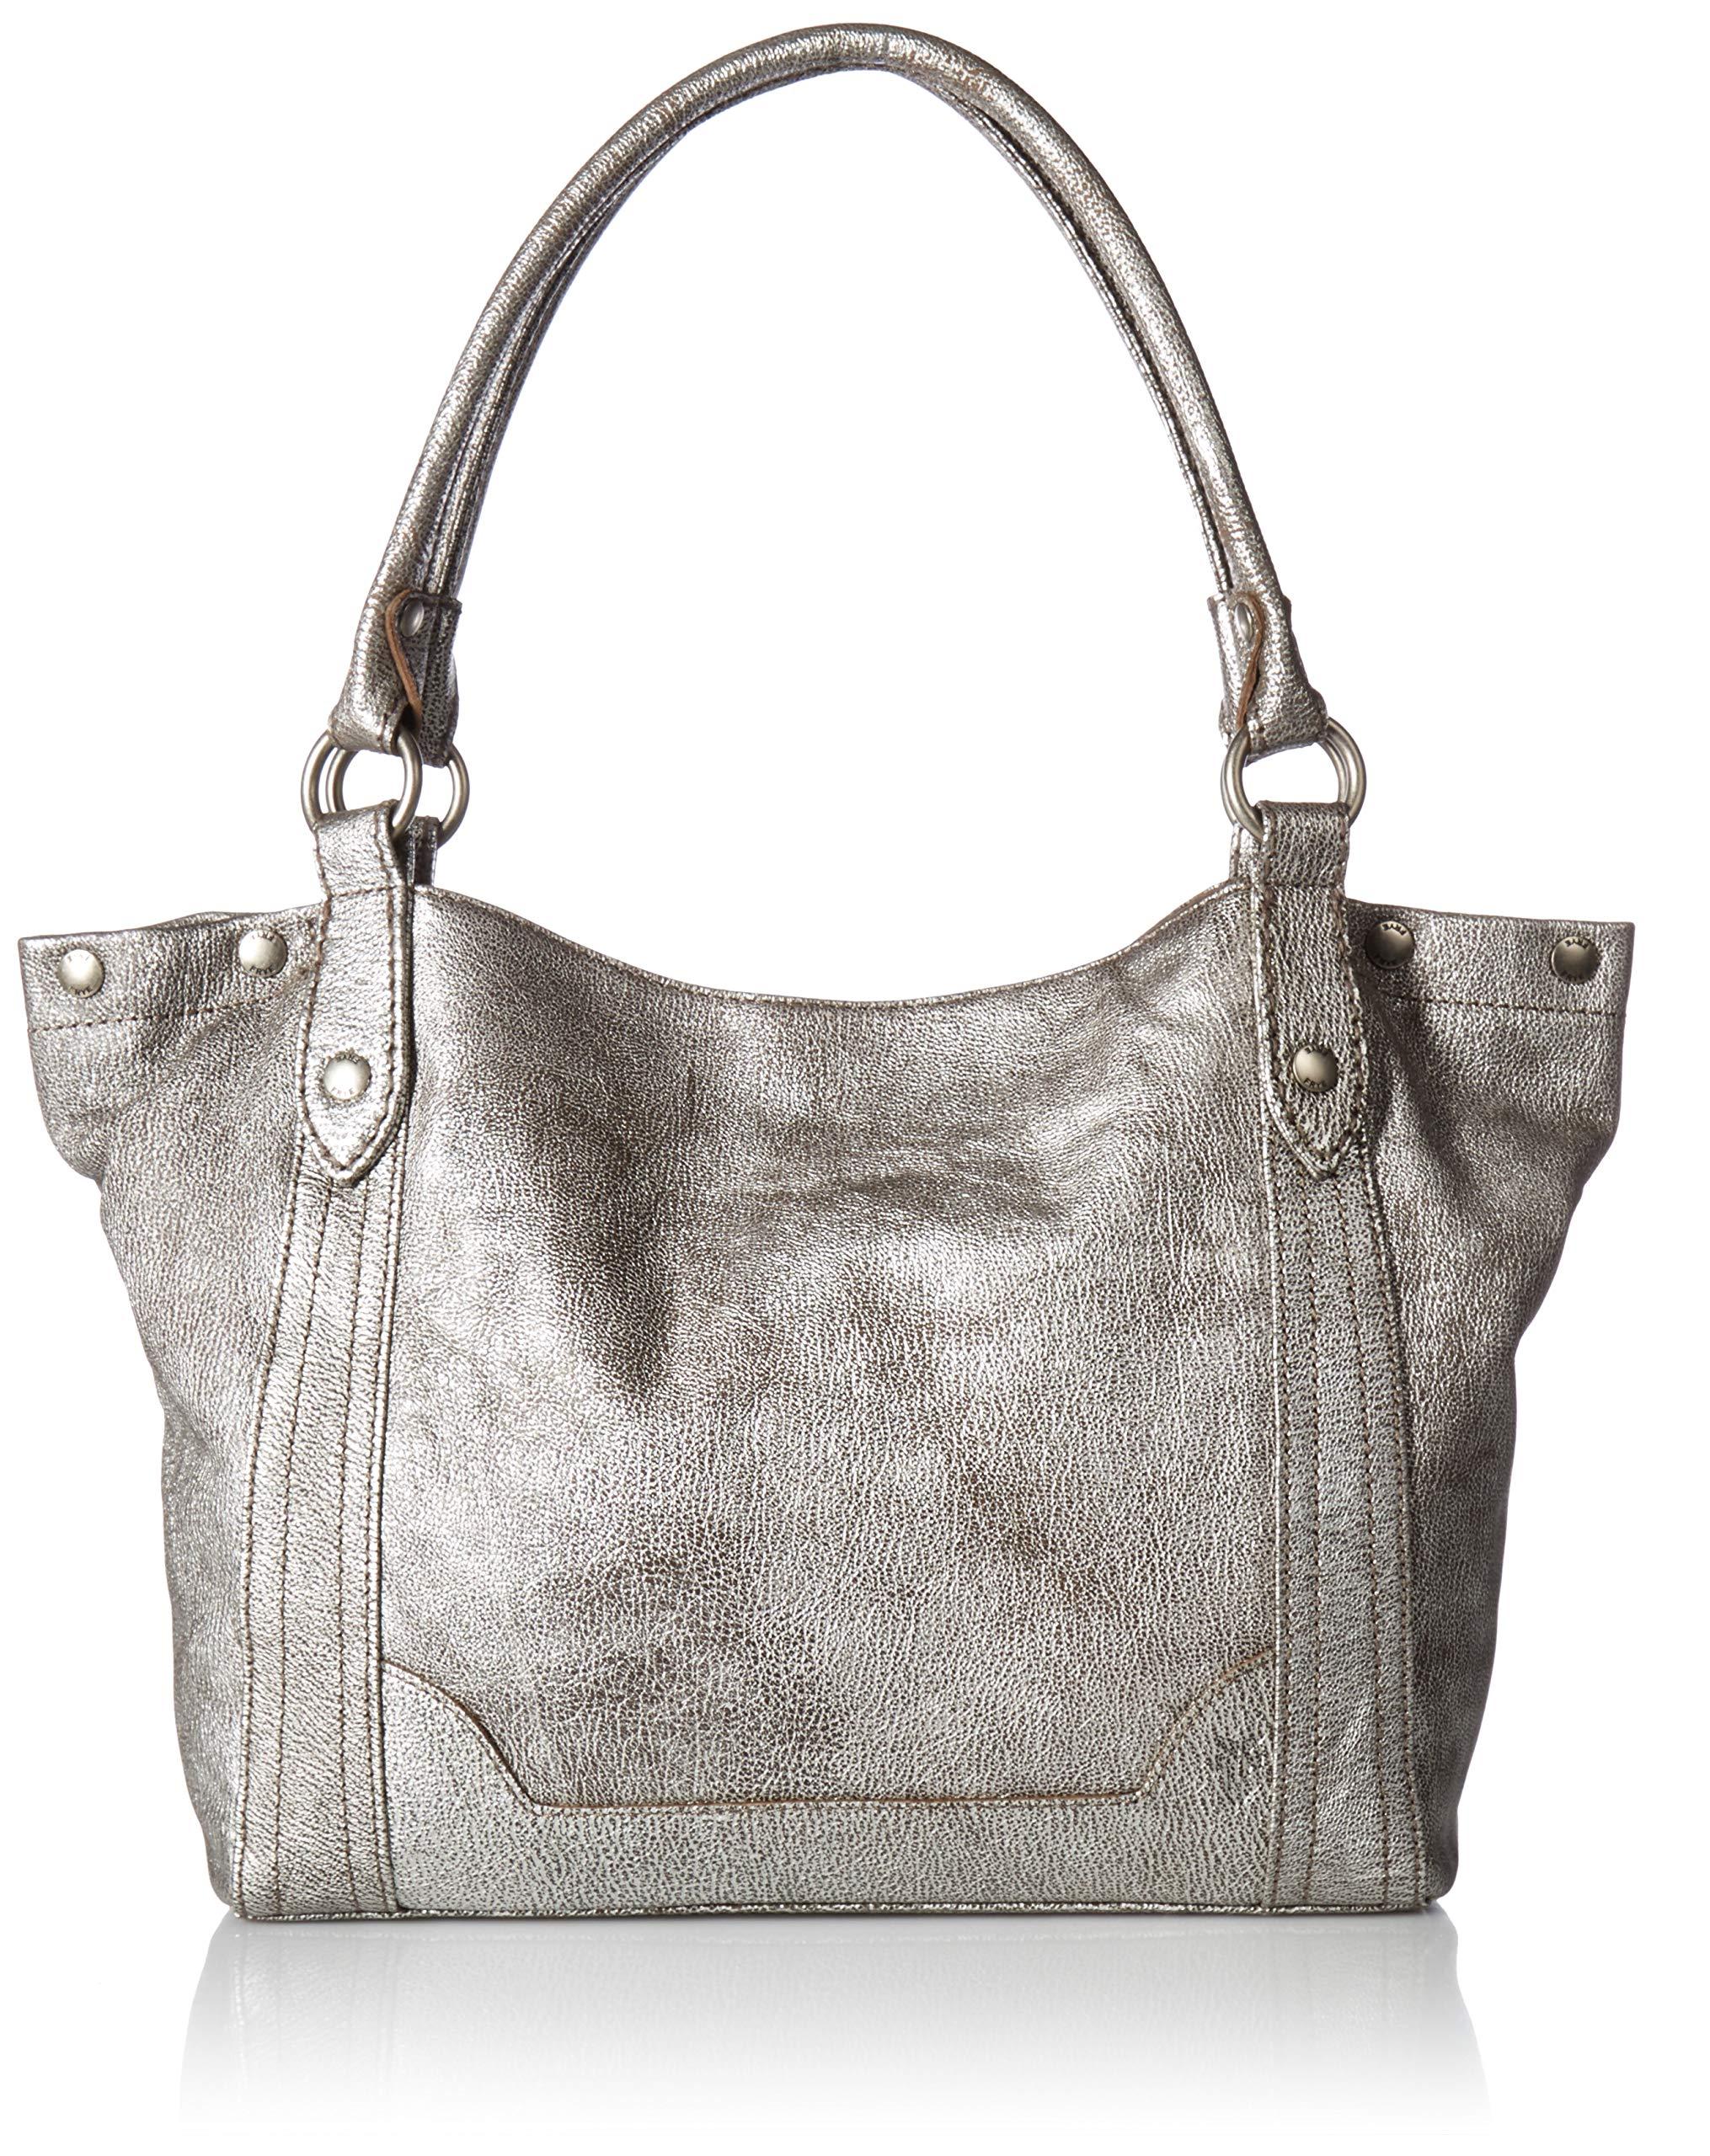 FRYE Melissa Shoulder Leather Handbag, Silver